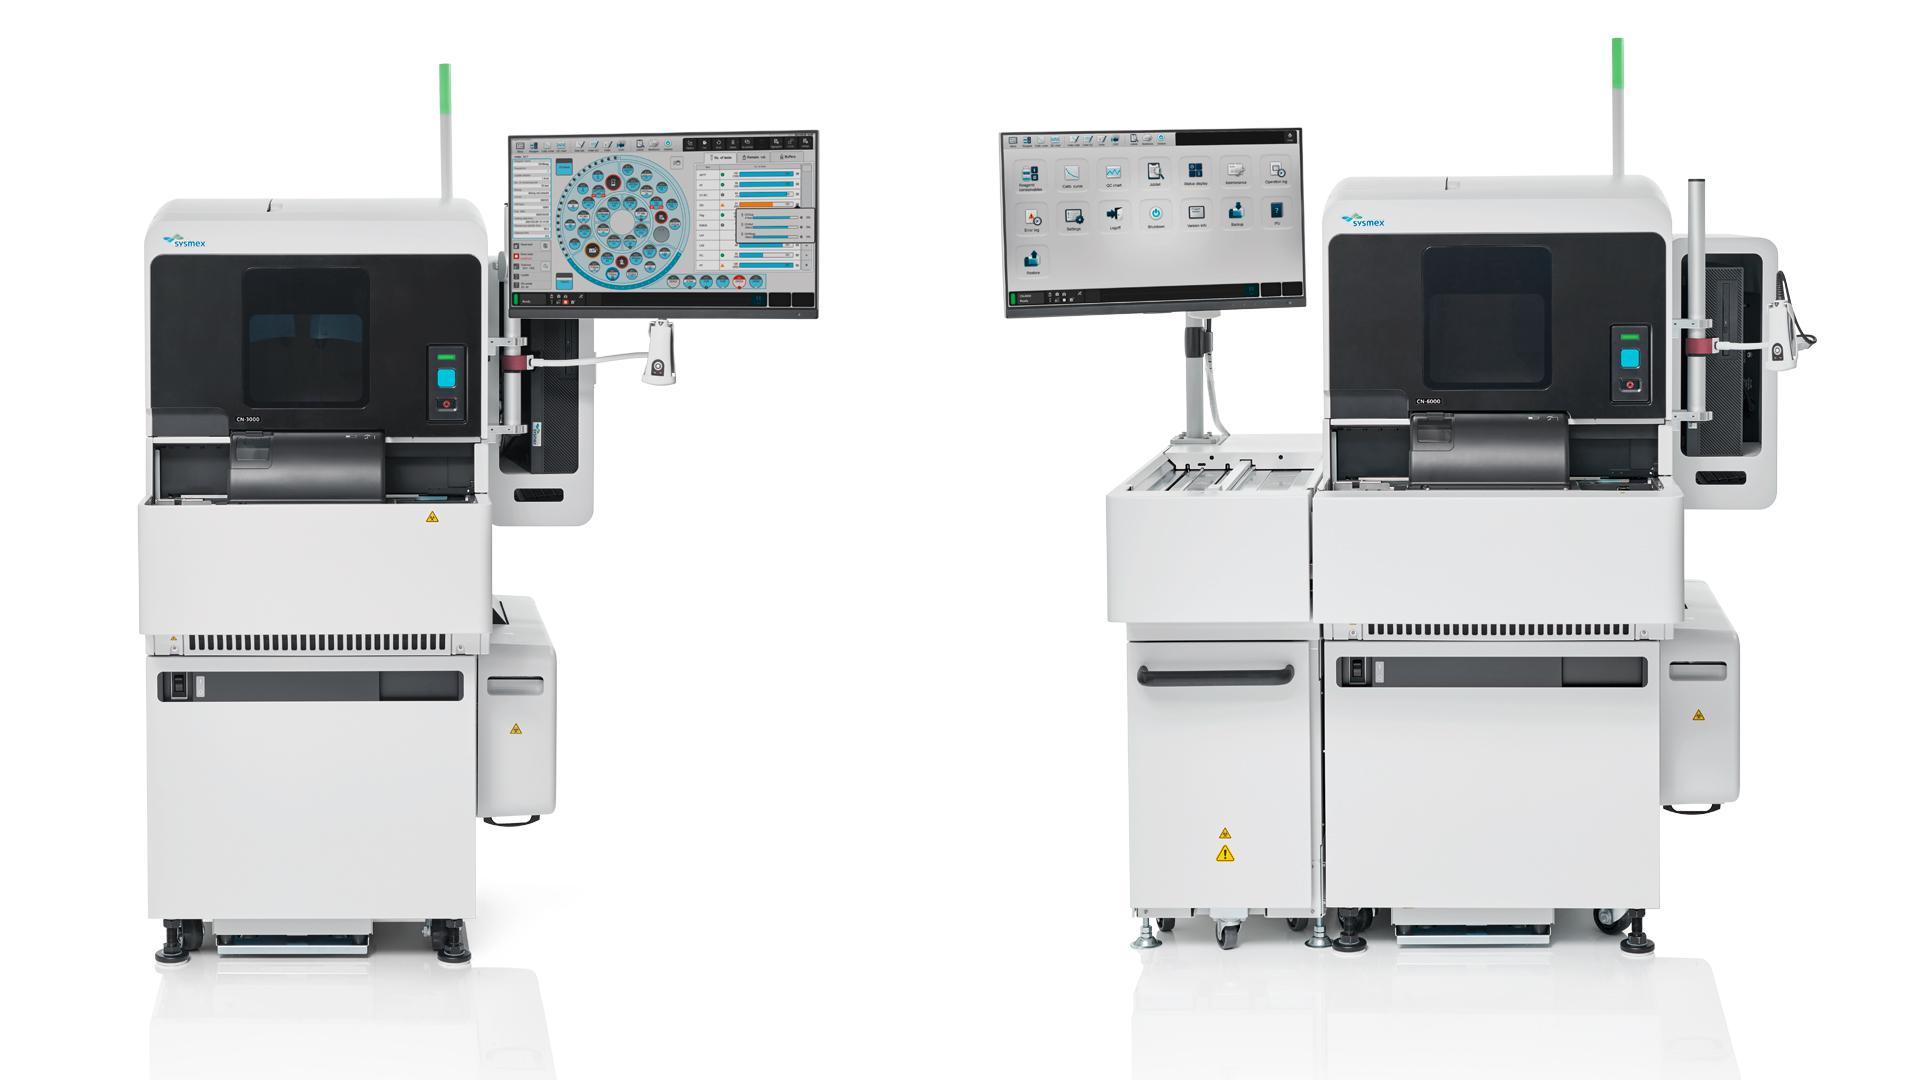 Siemens Healthineers lance la distribution des systèmes d'hémostase Sysmex CN-3000 et CN-6000